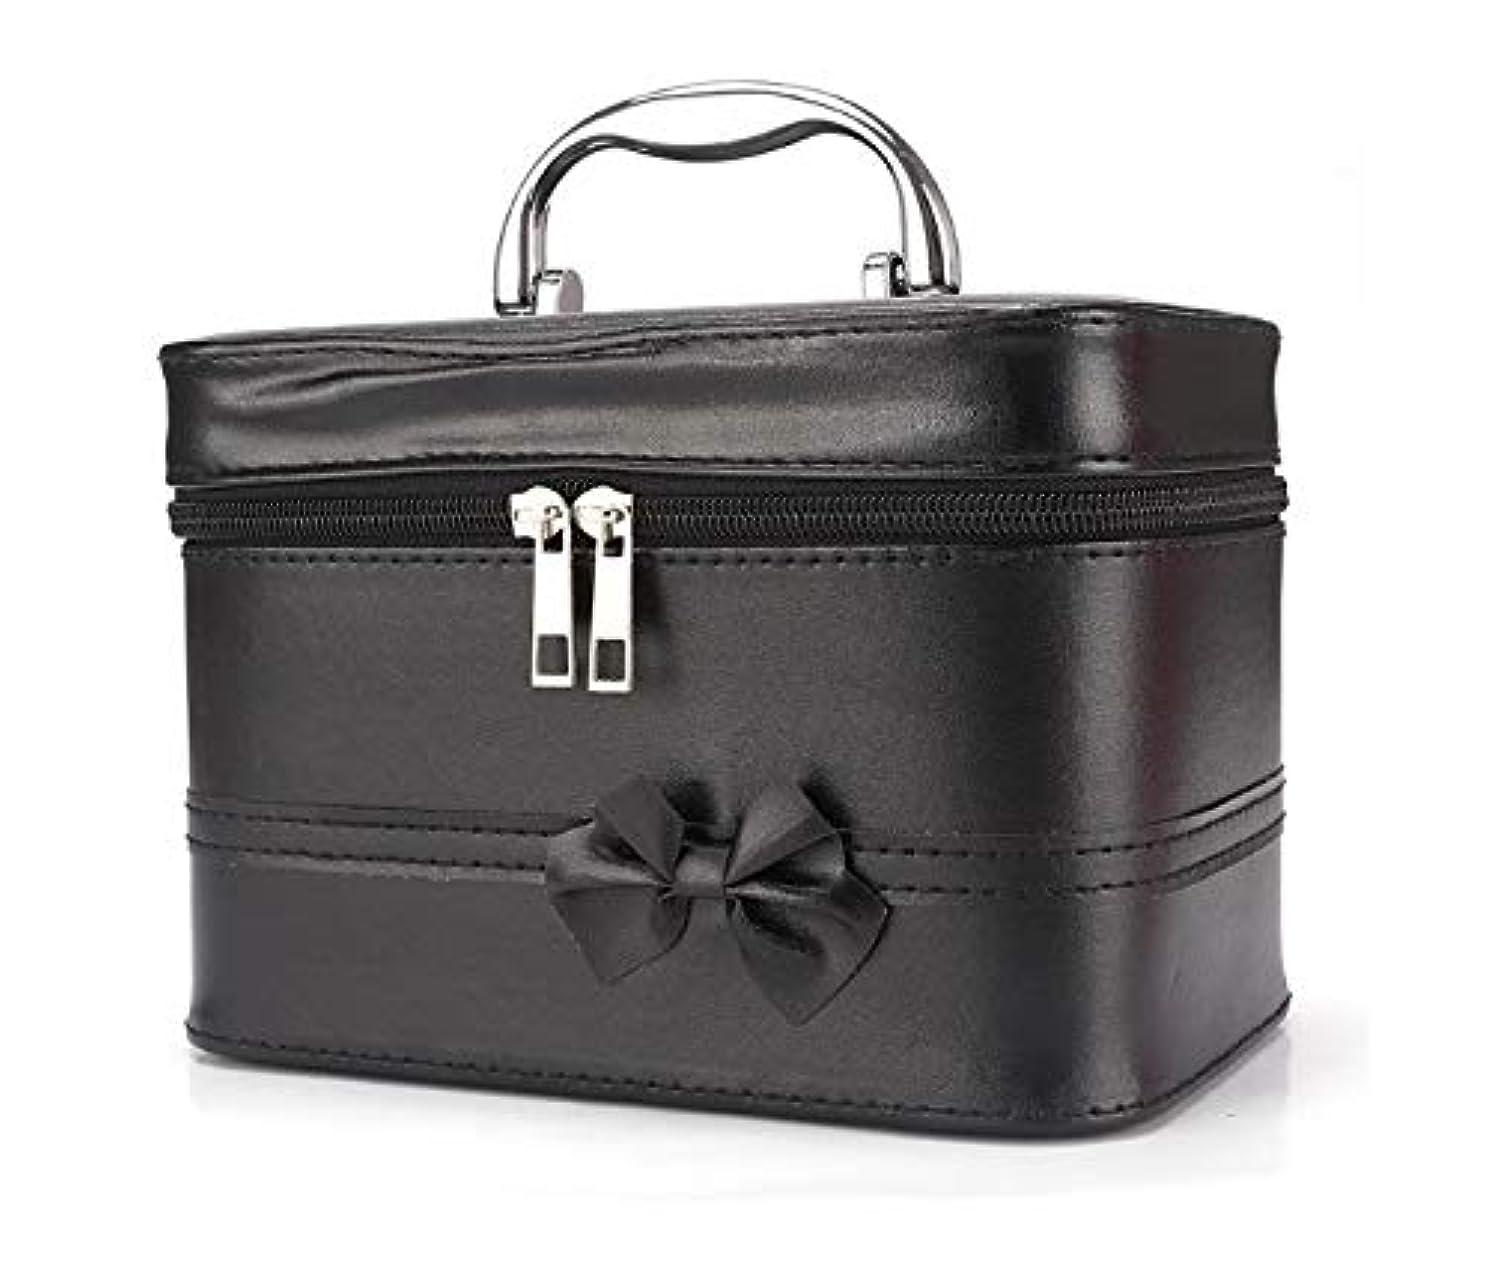 承知しました対人パブ化粧箱、弓スクエアポータブル化粧品袋、ポータブルポータブル旅行化粧品ケース、美容ネイルジュエリー収納ボックス (Color : ブラック)